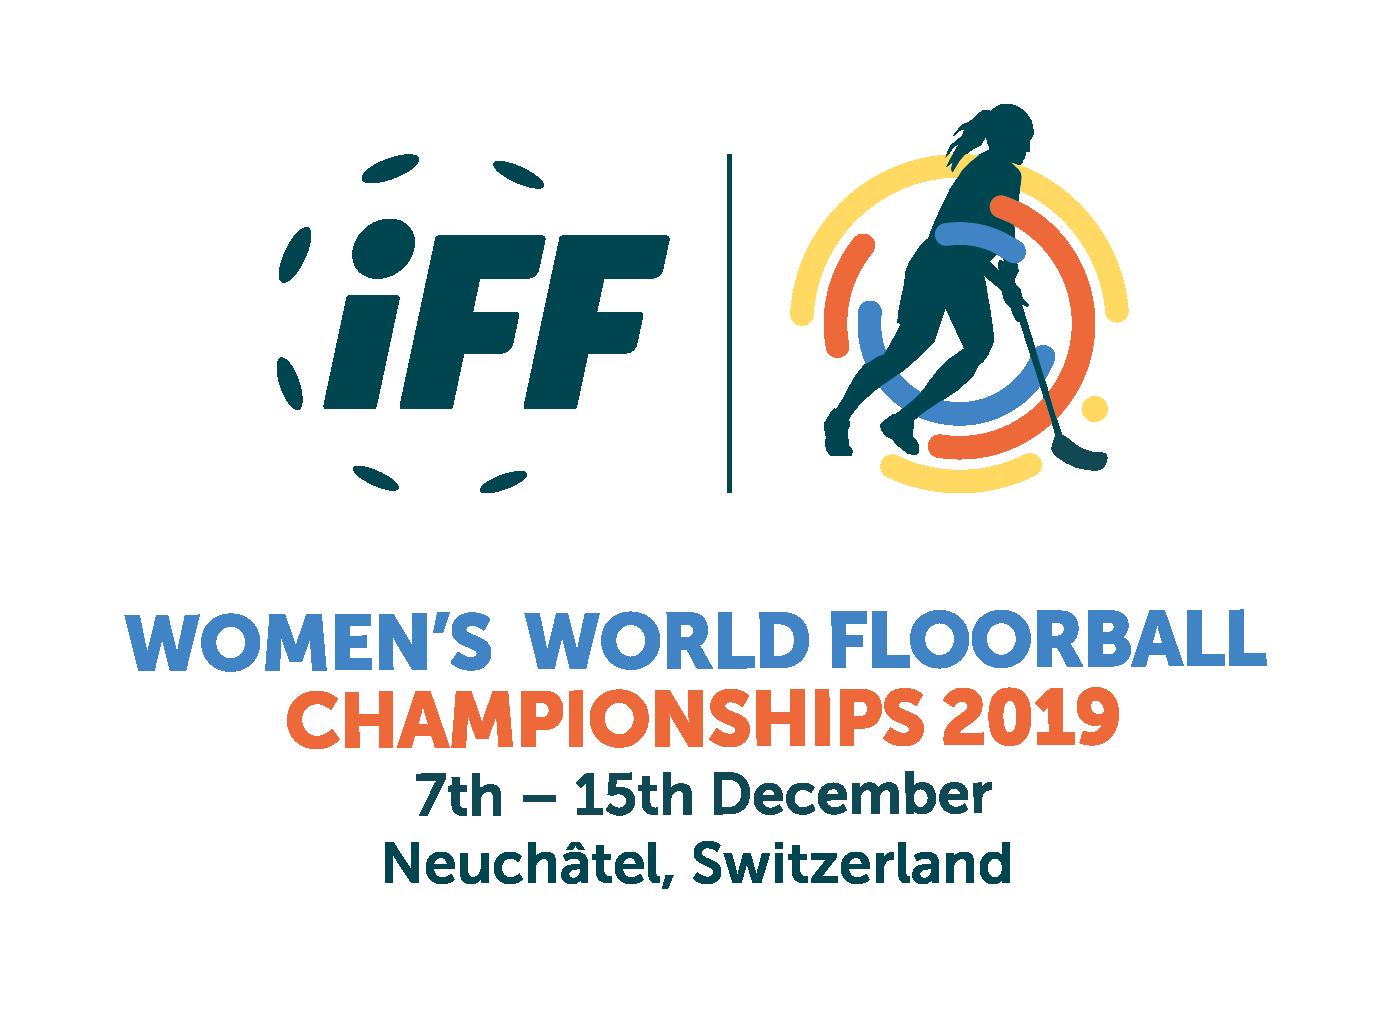 WFC 2019 logo